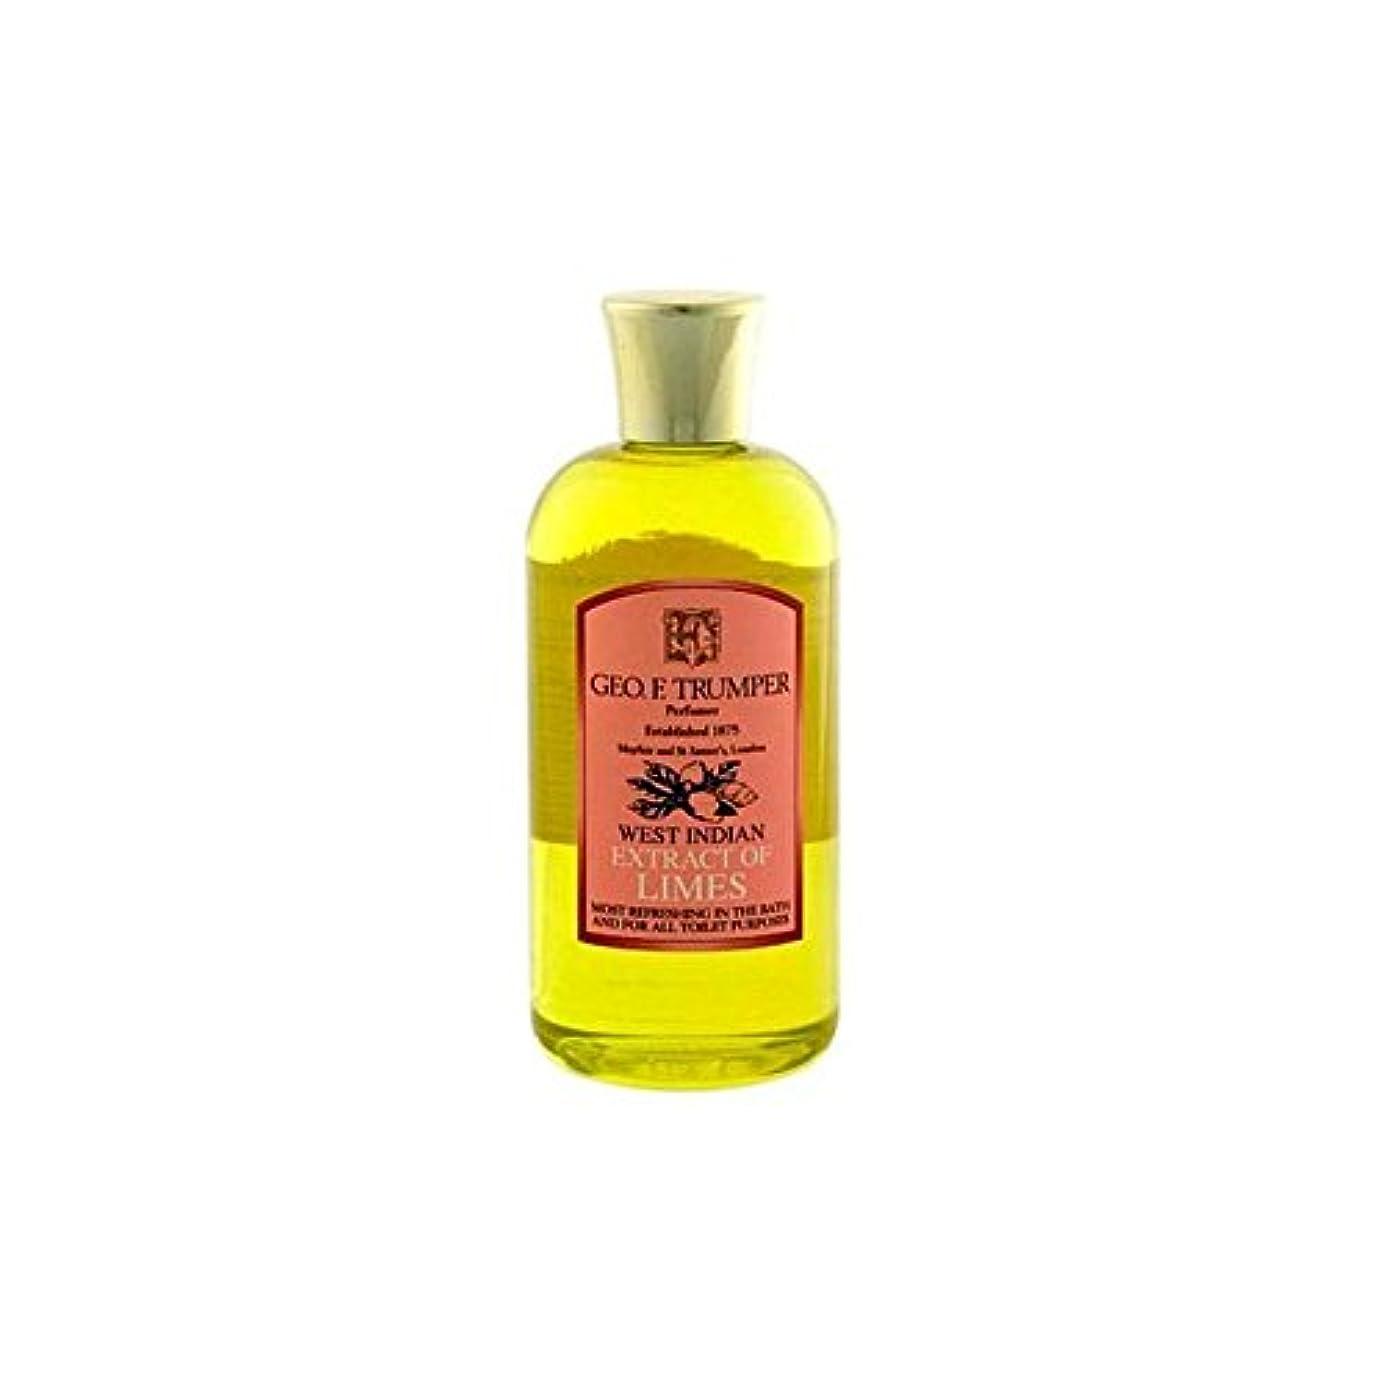 代表するなめらか継承Trumpers Extracts of Limes Bath and Shower Gel 200ml - ライムのバスタブとシャワージェル200の抽出物を [並行輸入品]